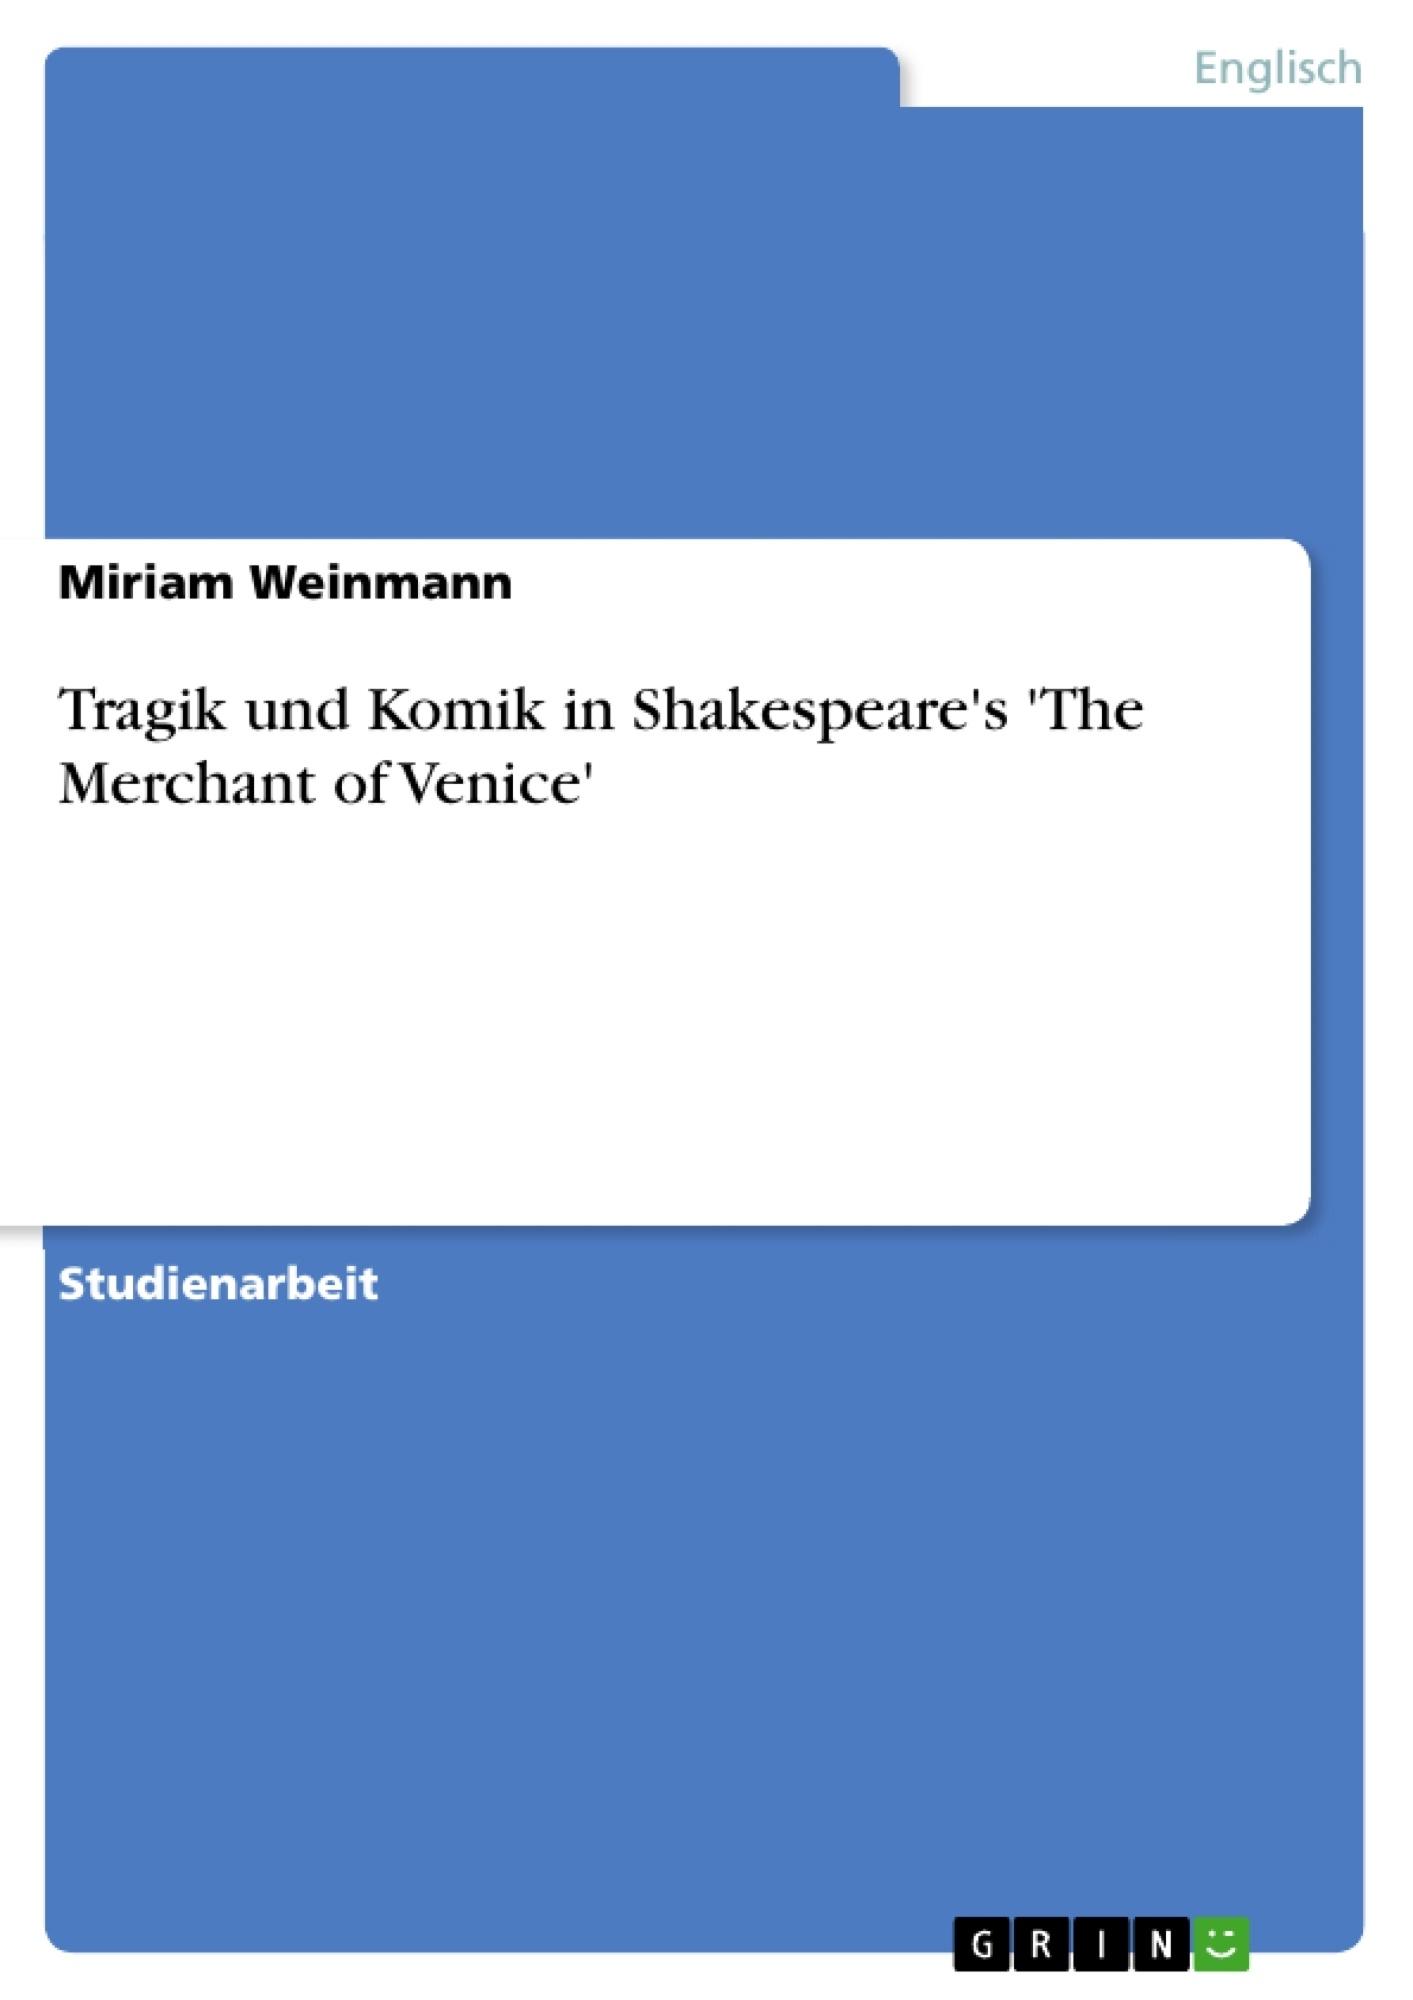 Titel: Tragik und Komik in Shakespeare's 'The Merchant of Venice'